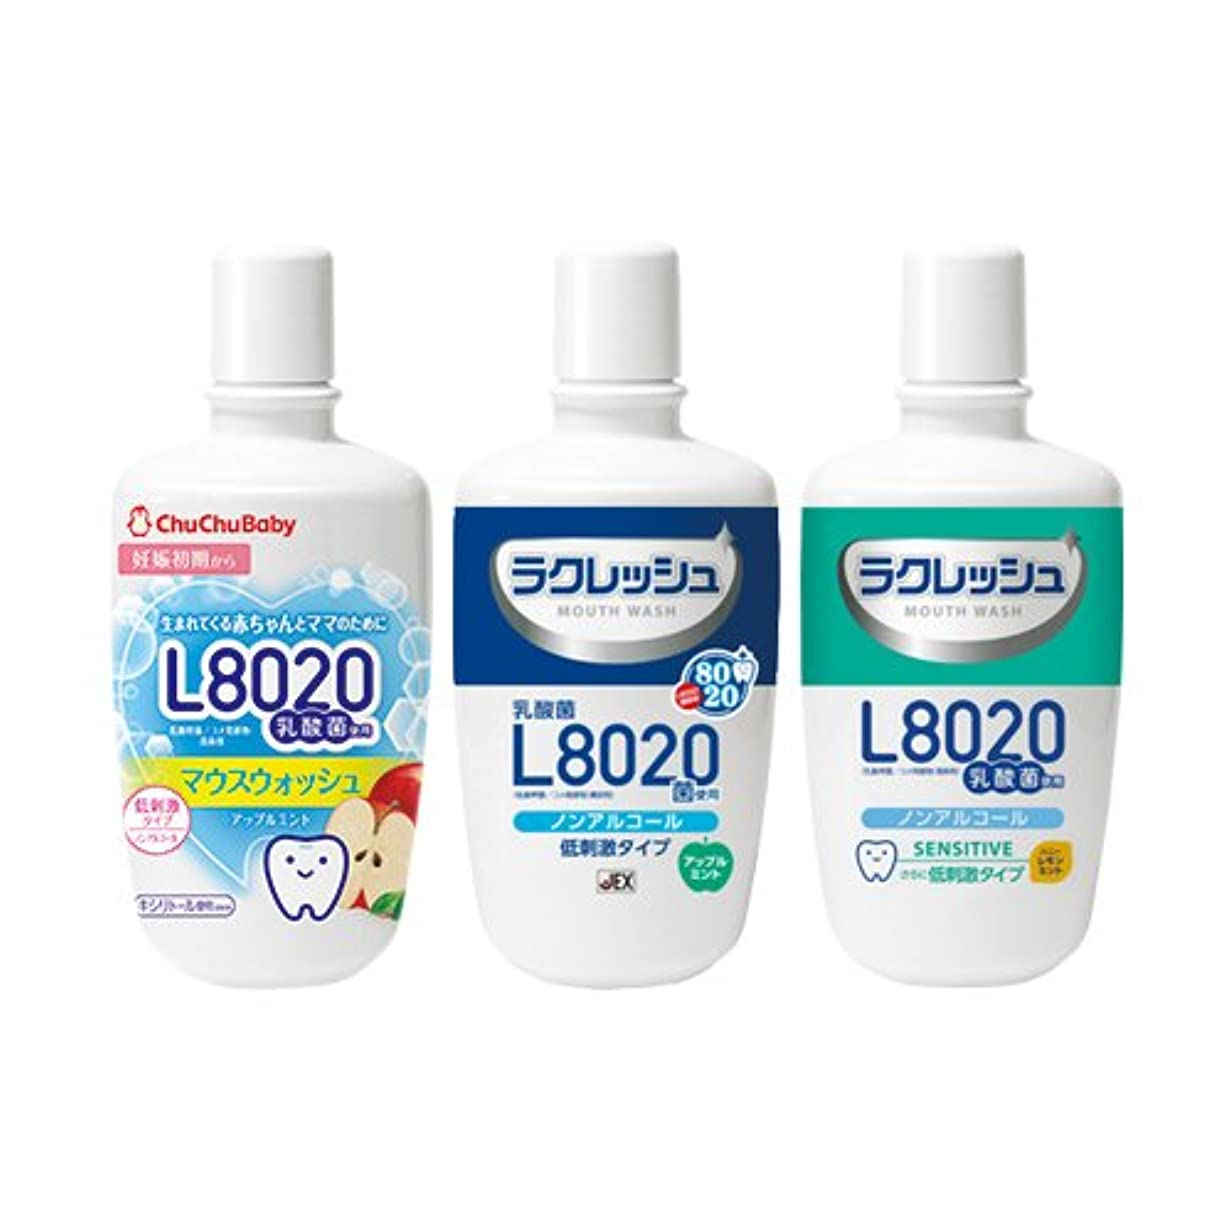 とても多くのうま覆すL8020乳酸菌入マウスウォッシュ 300ml 3種 × 各1本セット(ラクレッシュ/チュチュベビー/センシティブタイプ)